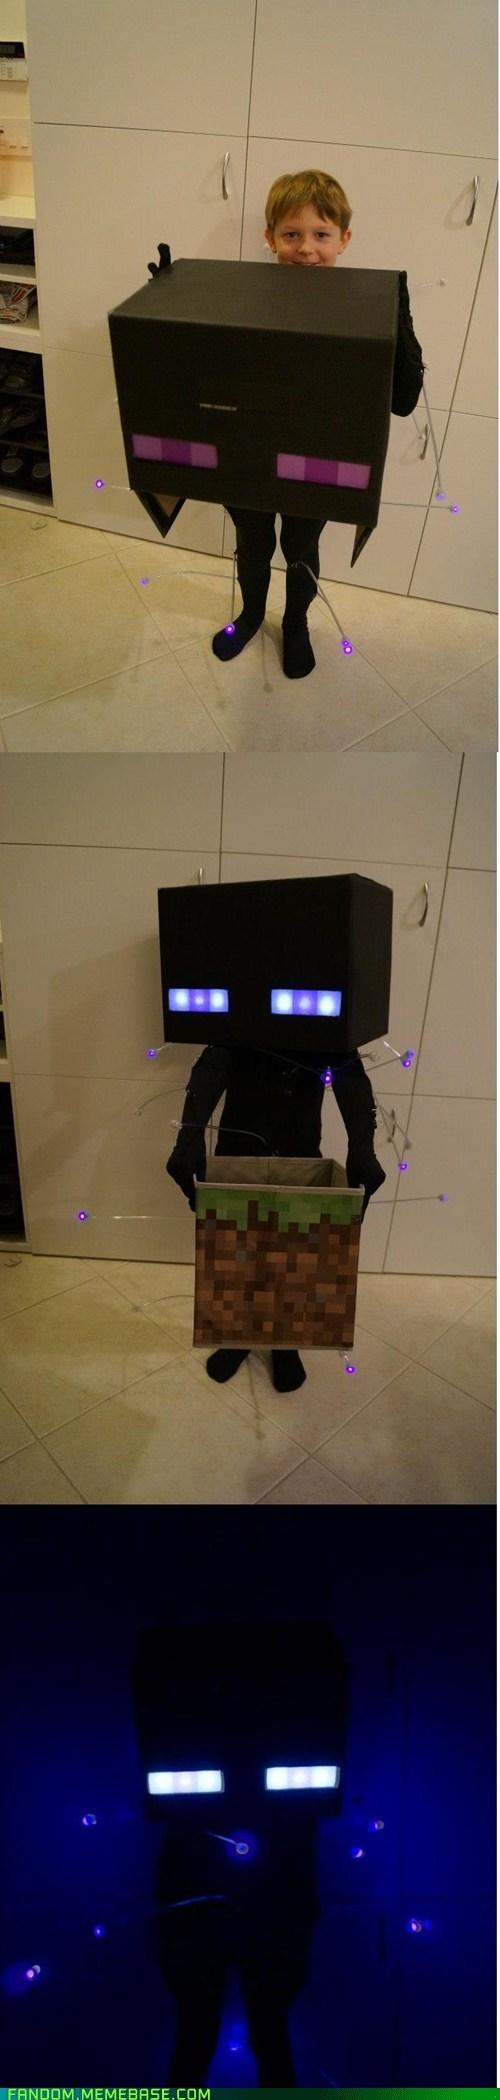 enderman cosplay kids cute minecraft video games - 6971160832